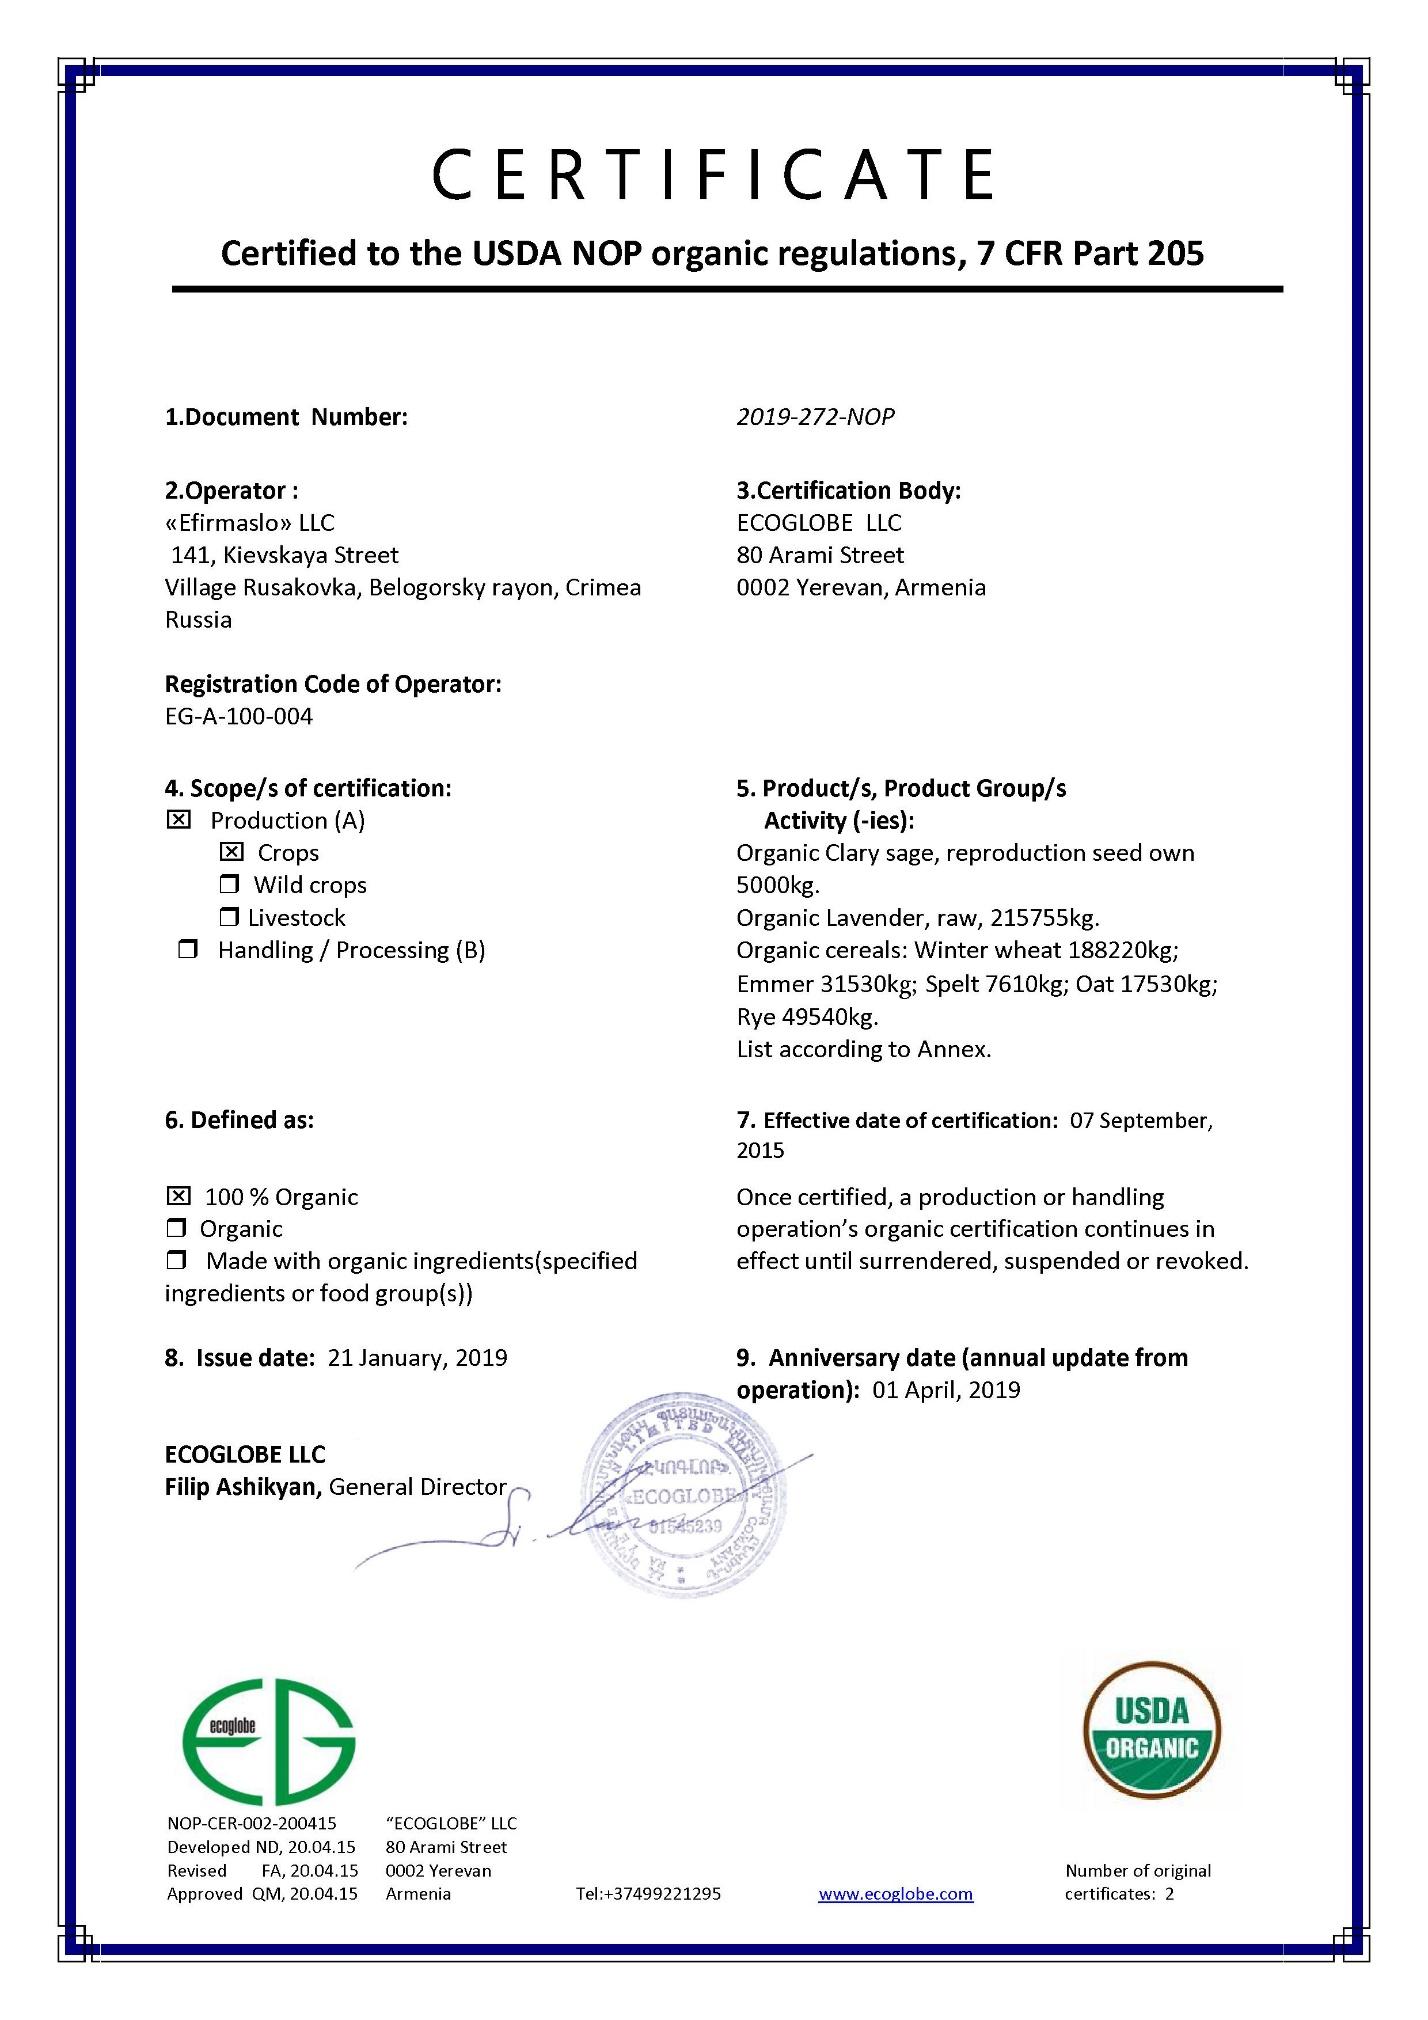 word image 102 Комплексное эколого-химическое обследование по международным стандартам «Органик» хозяйства - экспортера и обоснование целесообразности производства органической продукции в условиях юга России